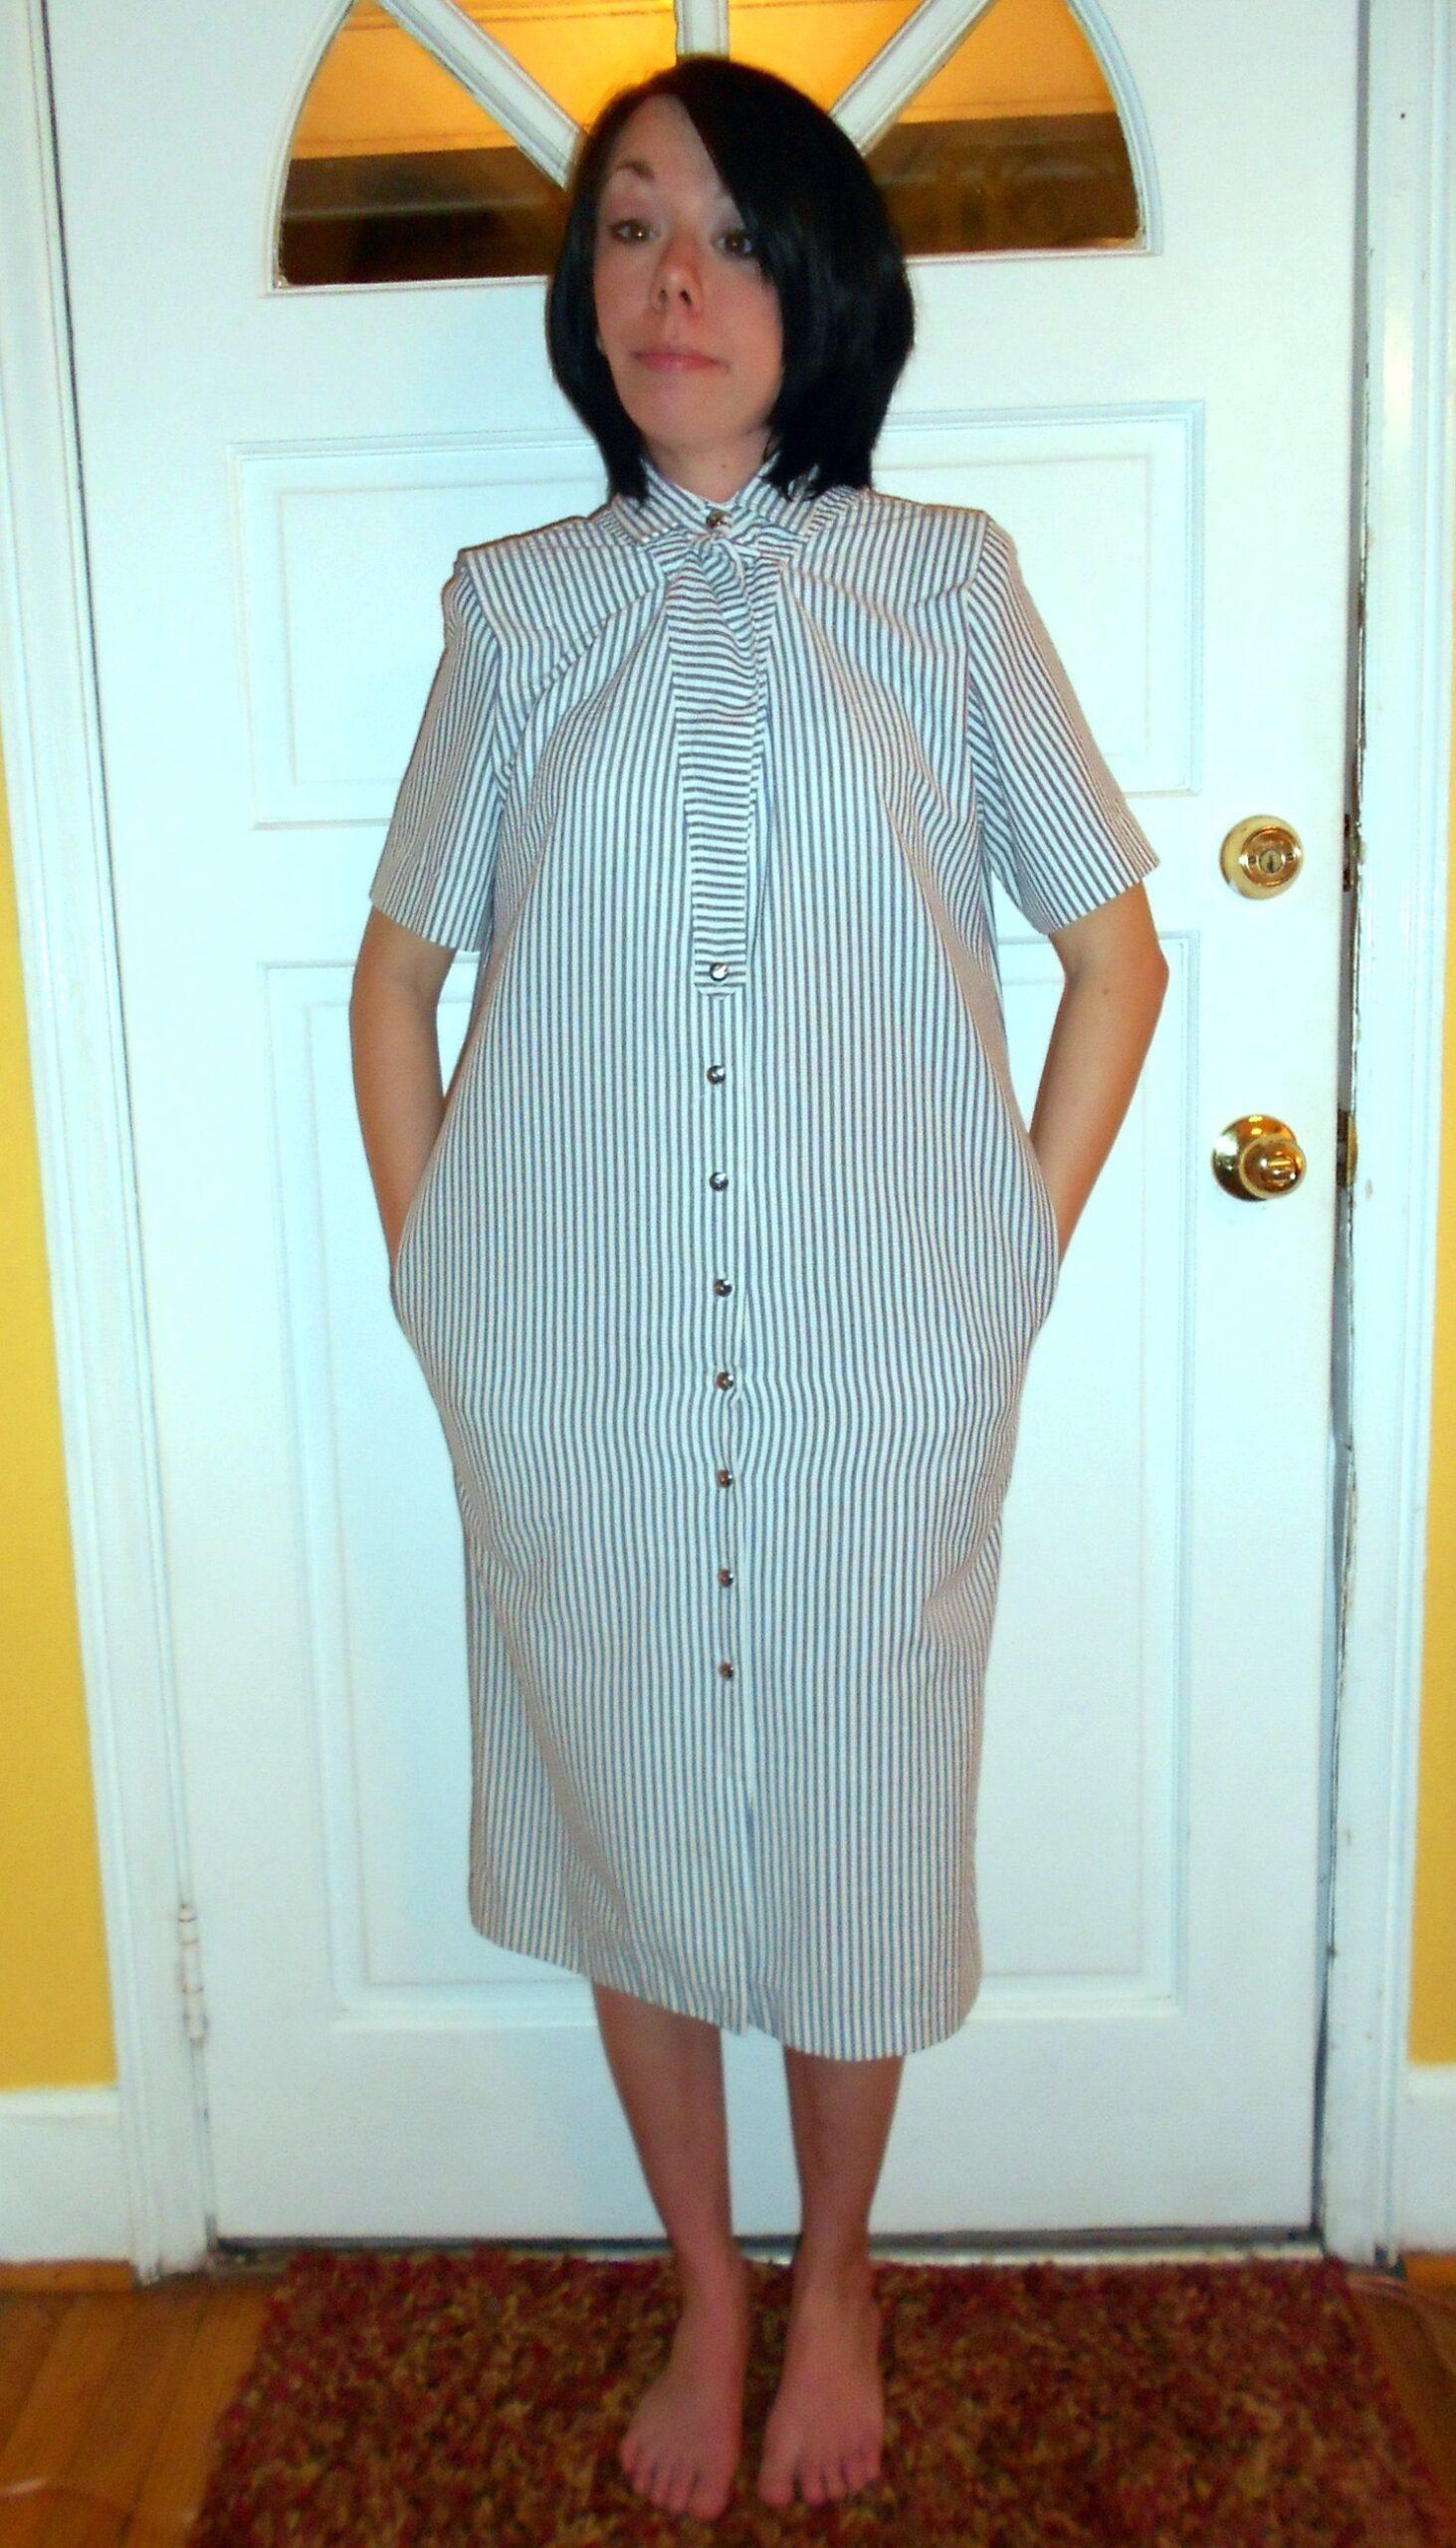 '80s Seersucker Dress Refashion before